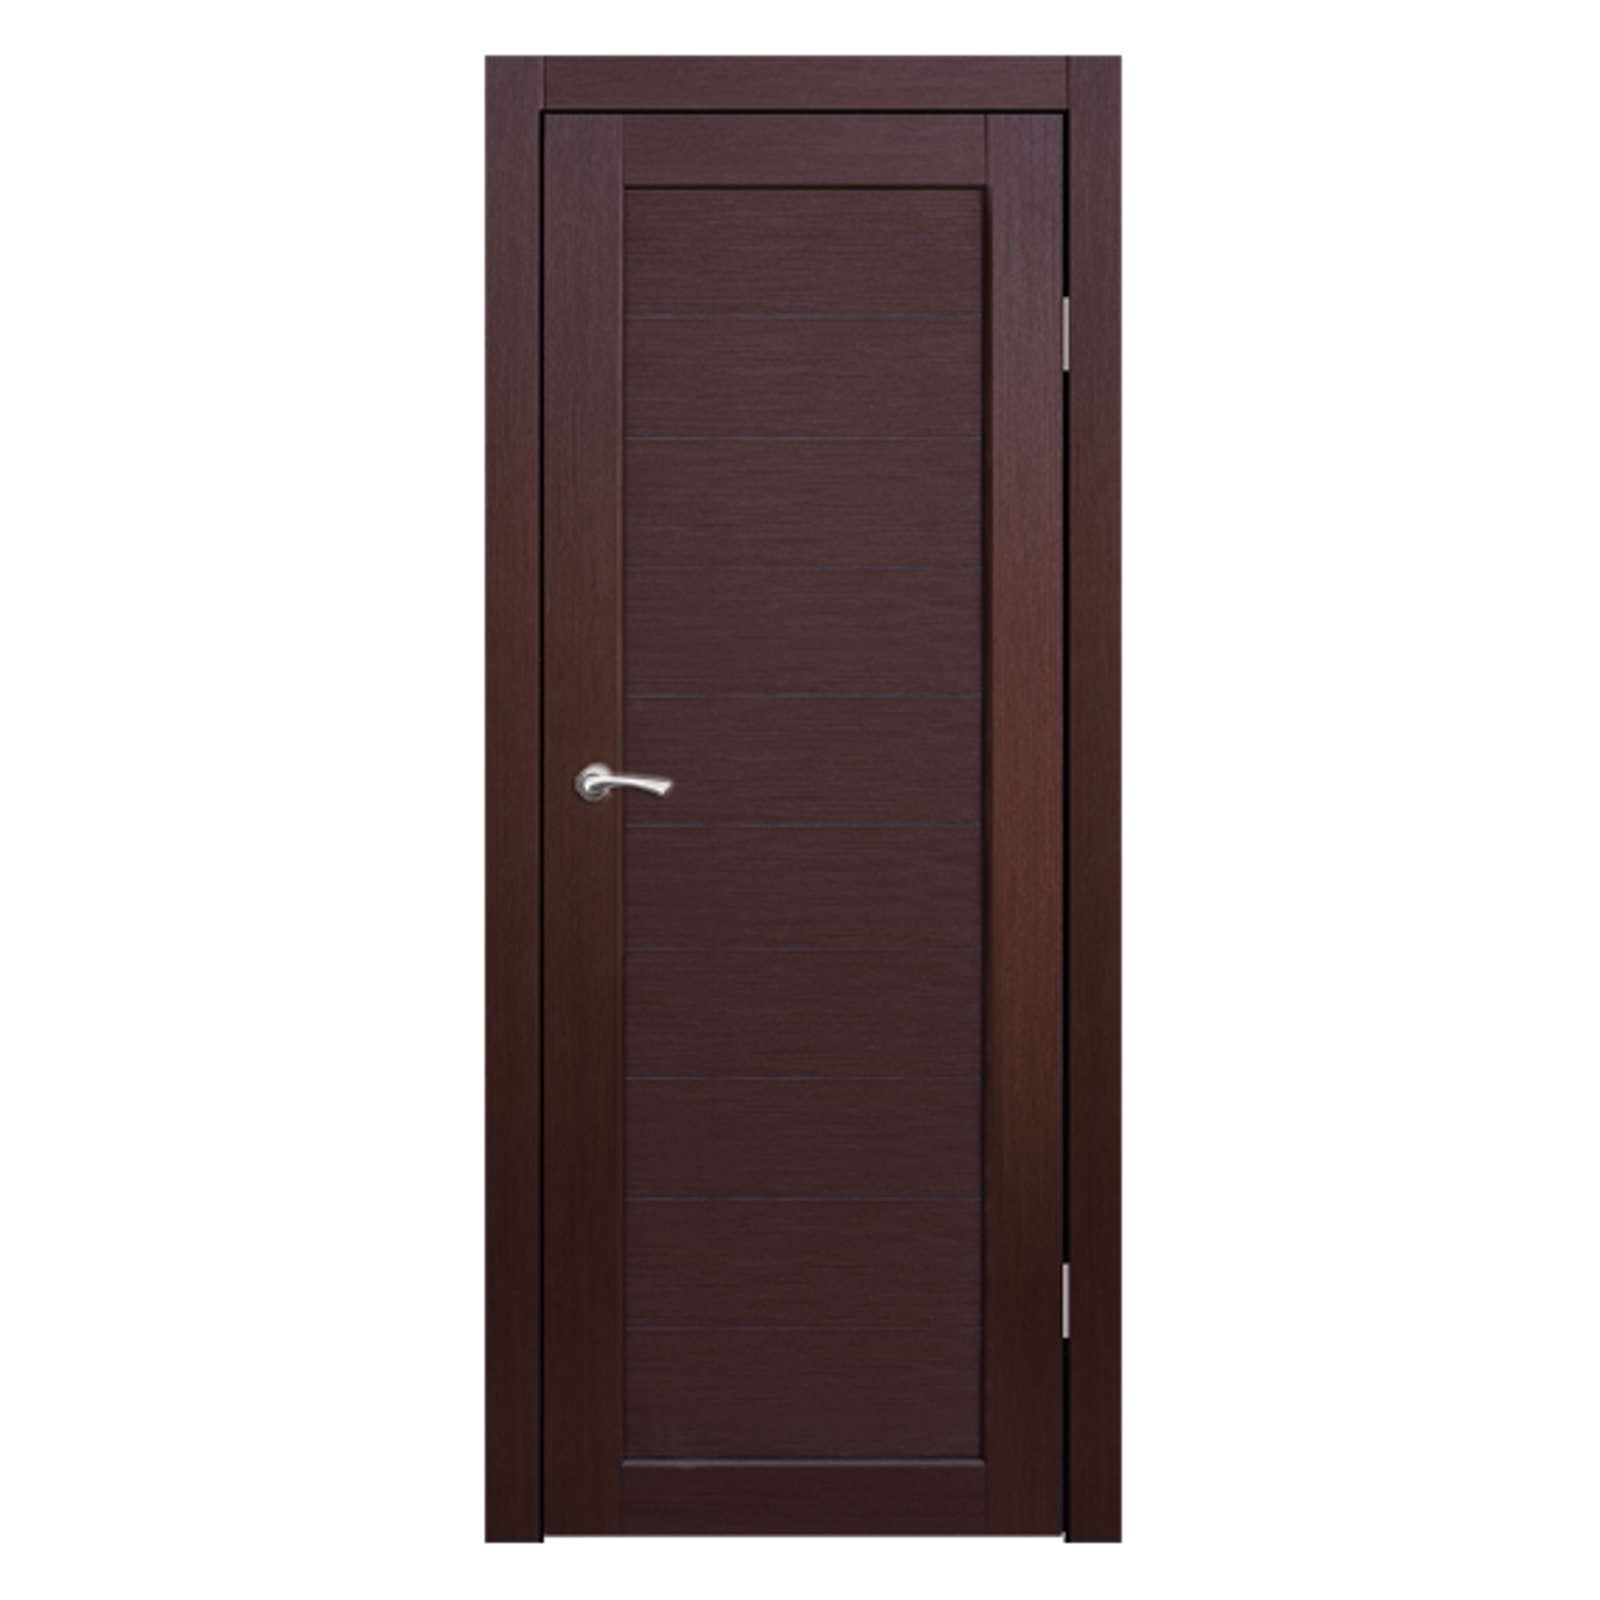 Полотно дверное глухое Легро (без молдингов) СИНЕРЖИ ноче кремоне ПВХ, ПДГ 600х2000мм